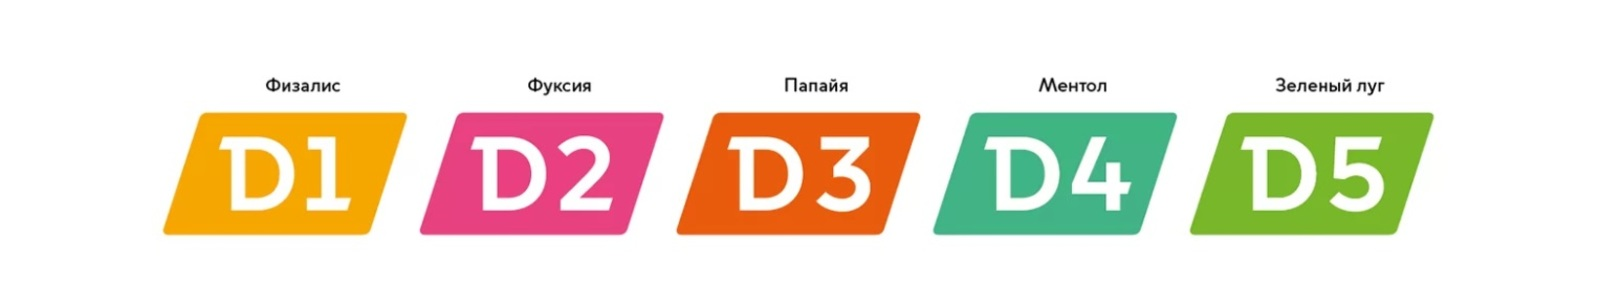 Официальный сайт мэра Москвы (https://www.mos.ru/)